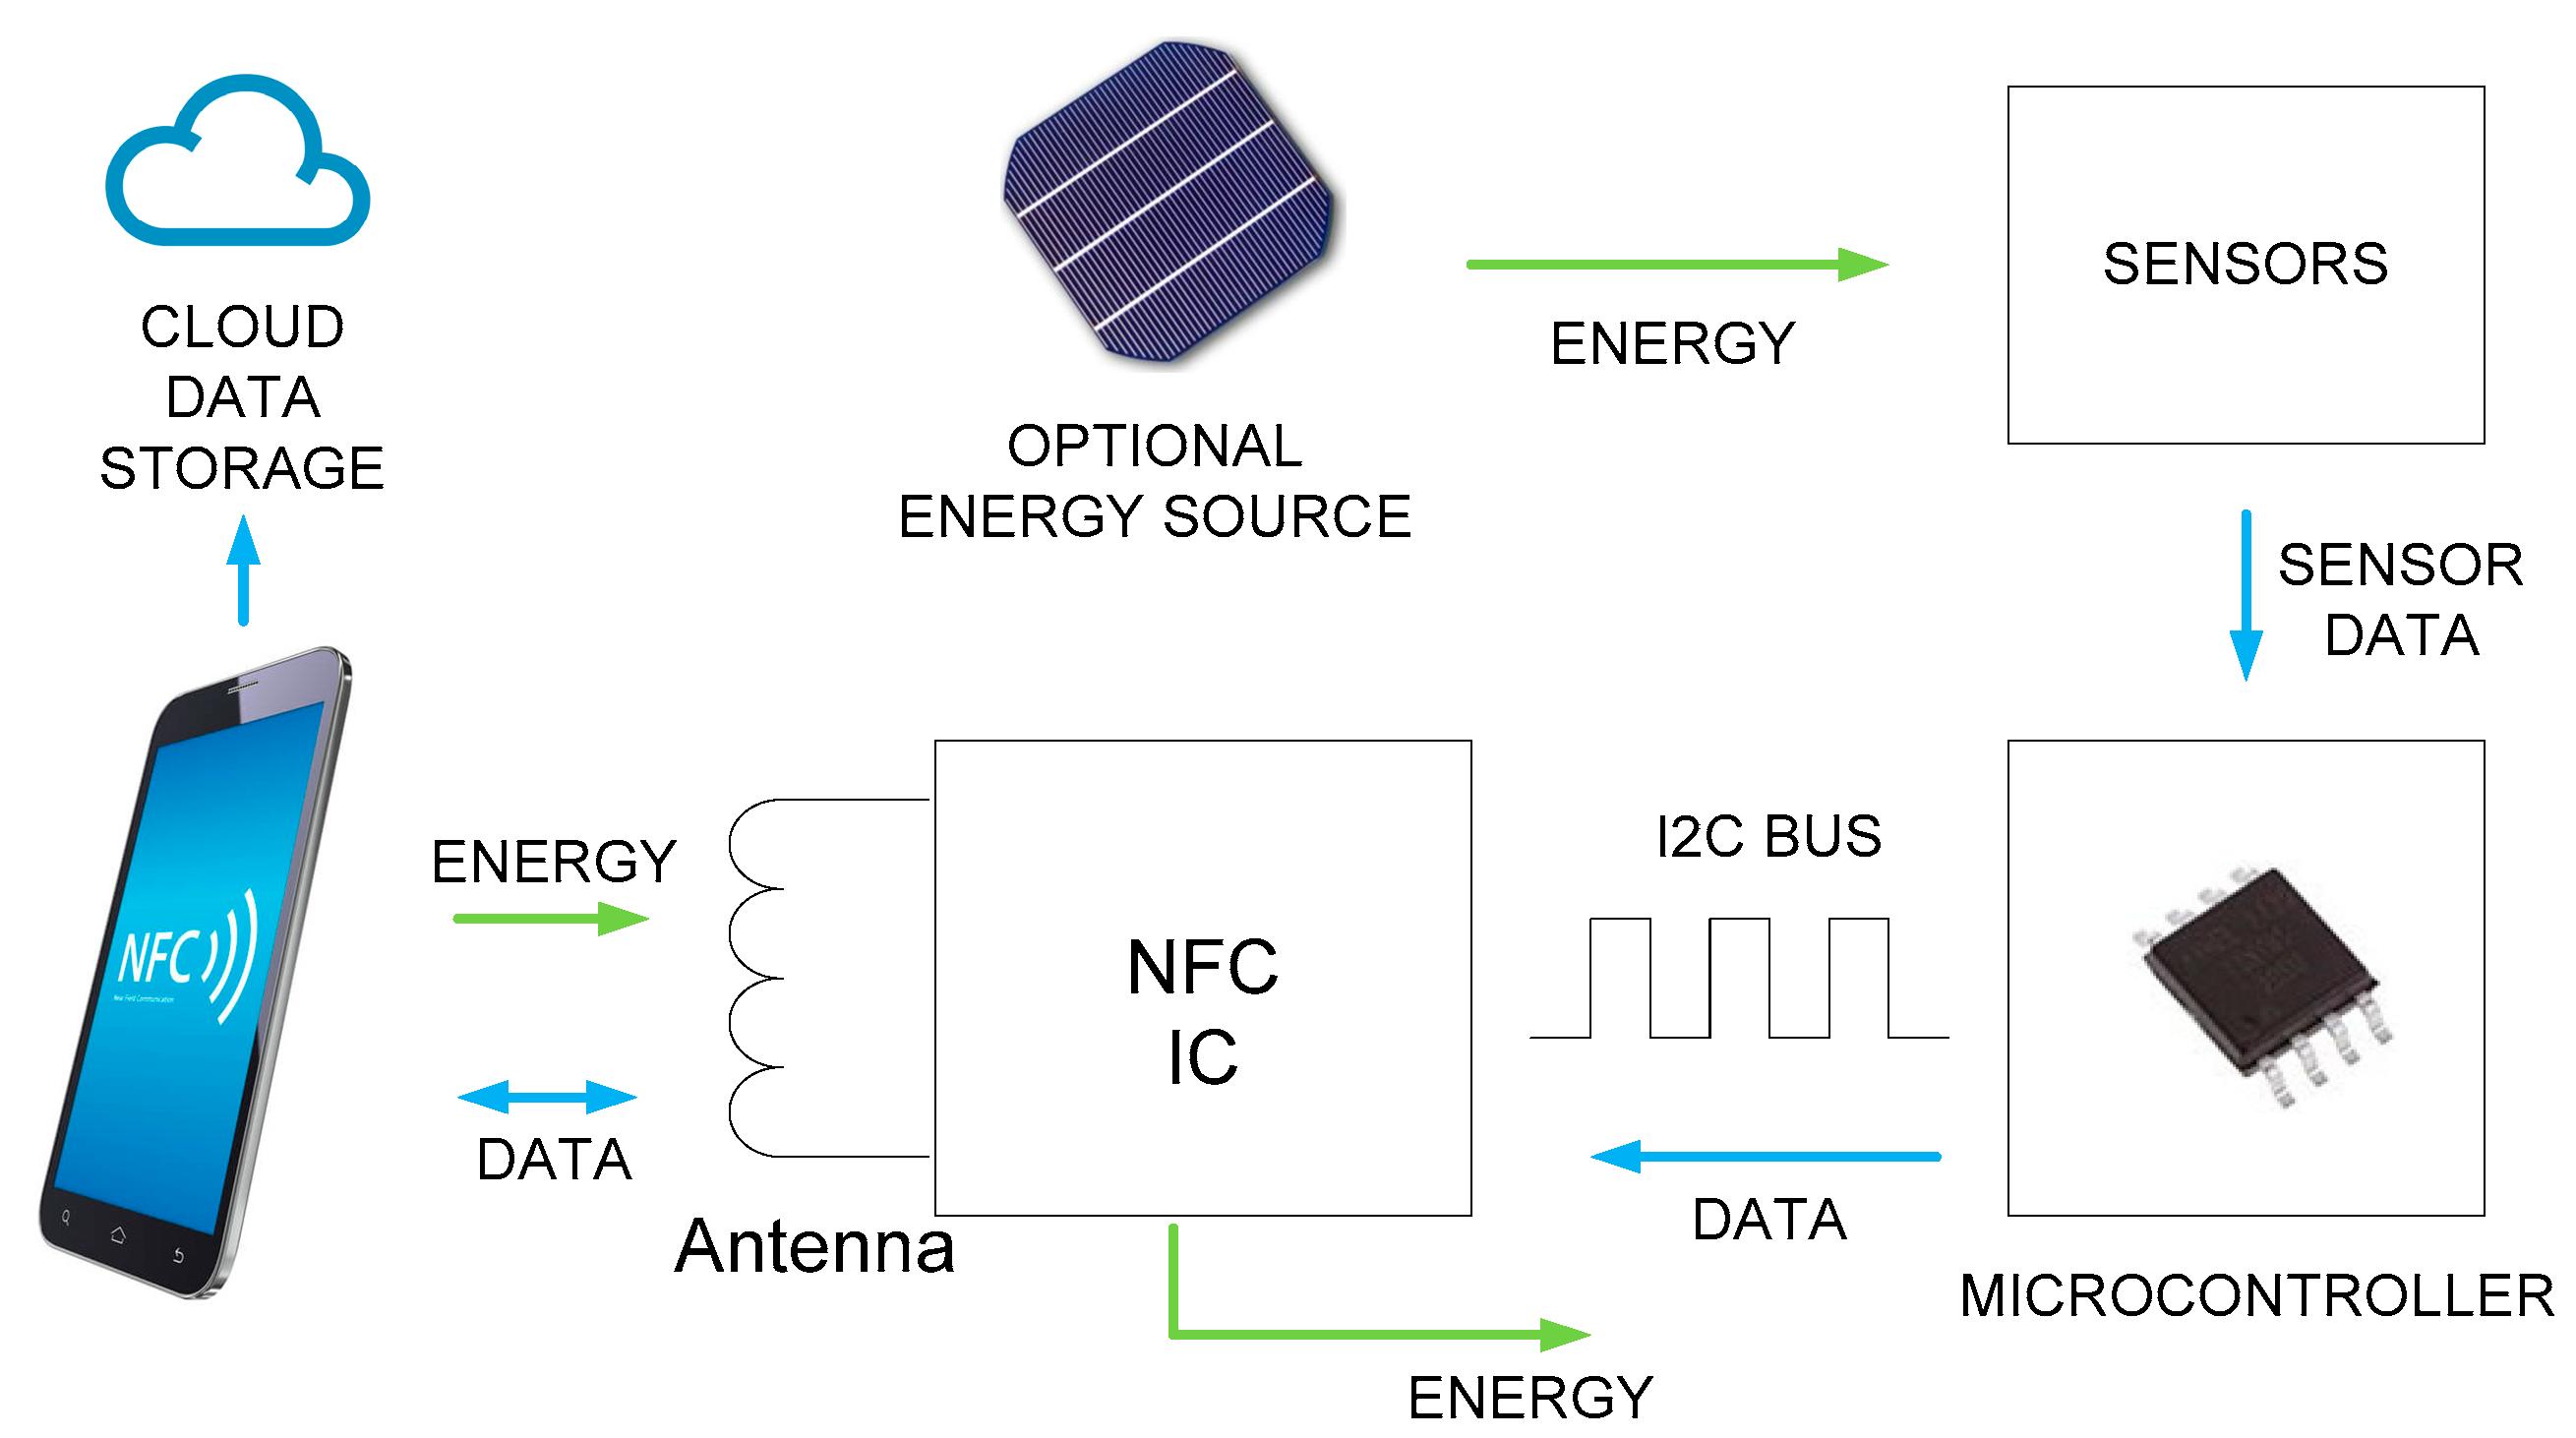 Sensors Free Full Text A Survey Of Nfc Sensors Based On Energy Harvesting For Iot Applications Html